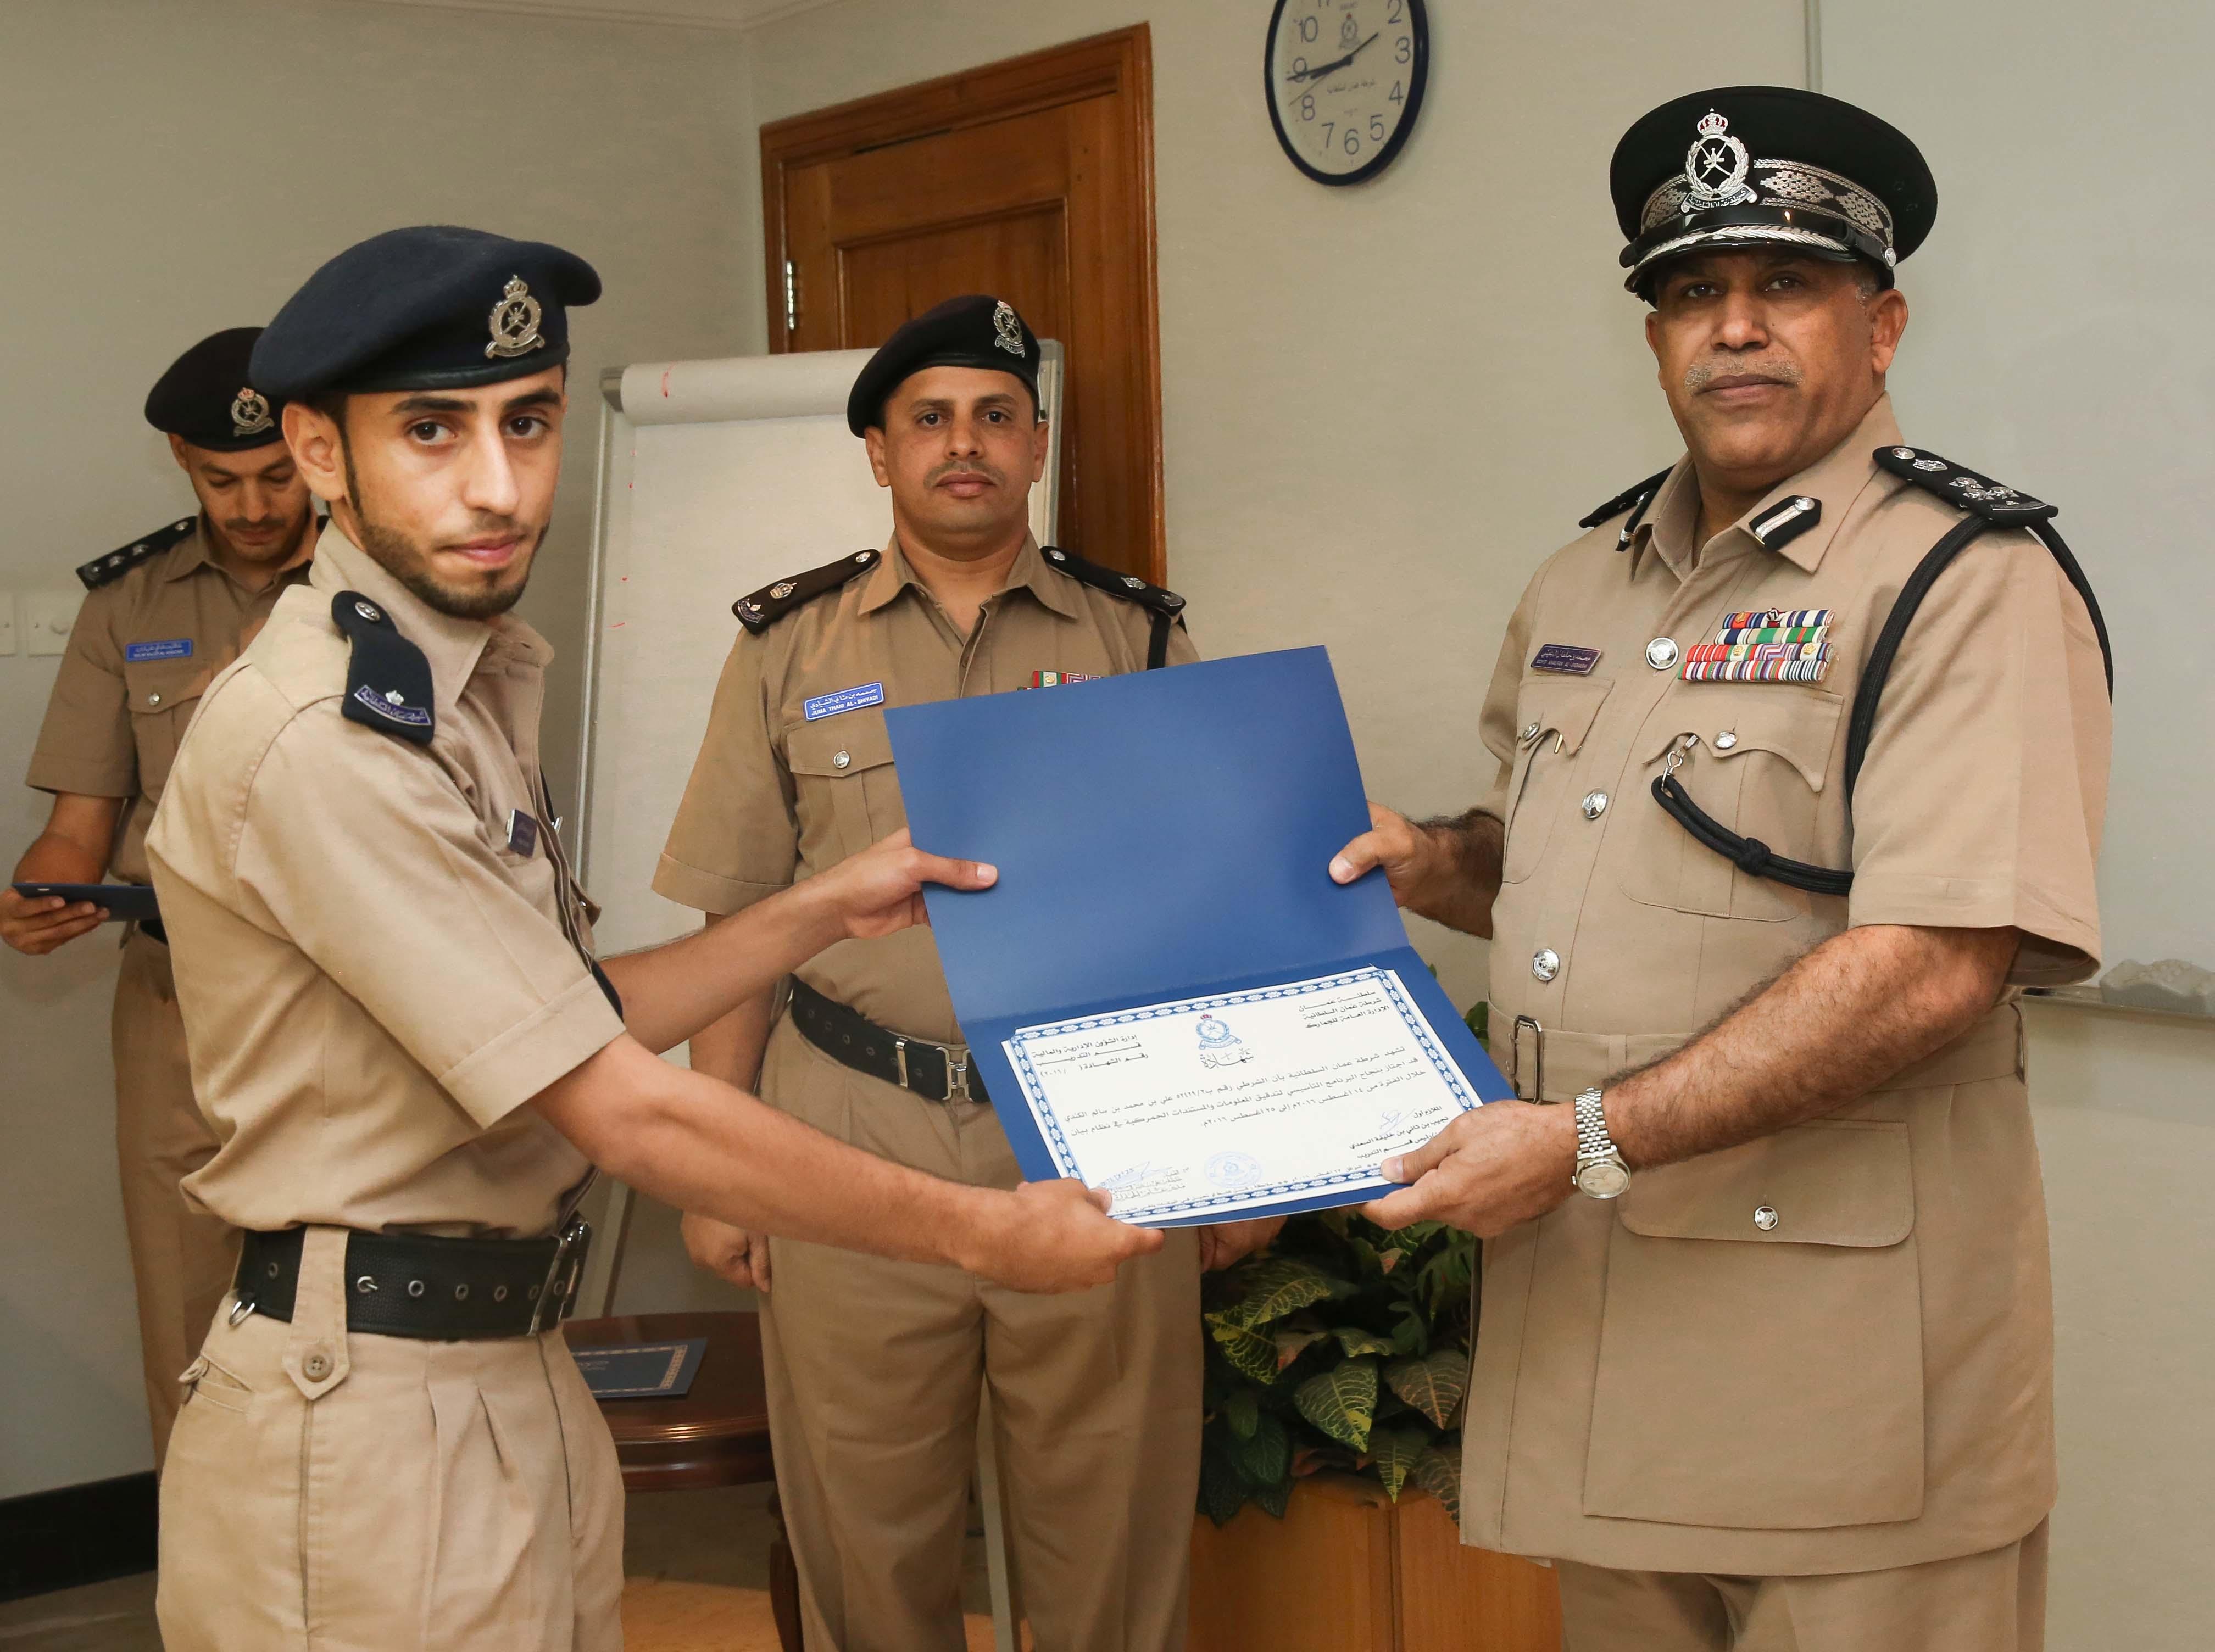 قيادة شرطة محافظة البريمي تختتم برنامجا تدريبيا في نظام بيان الجمركي